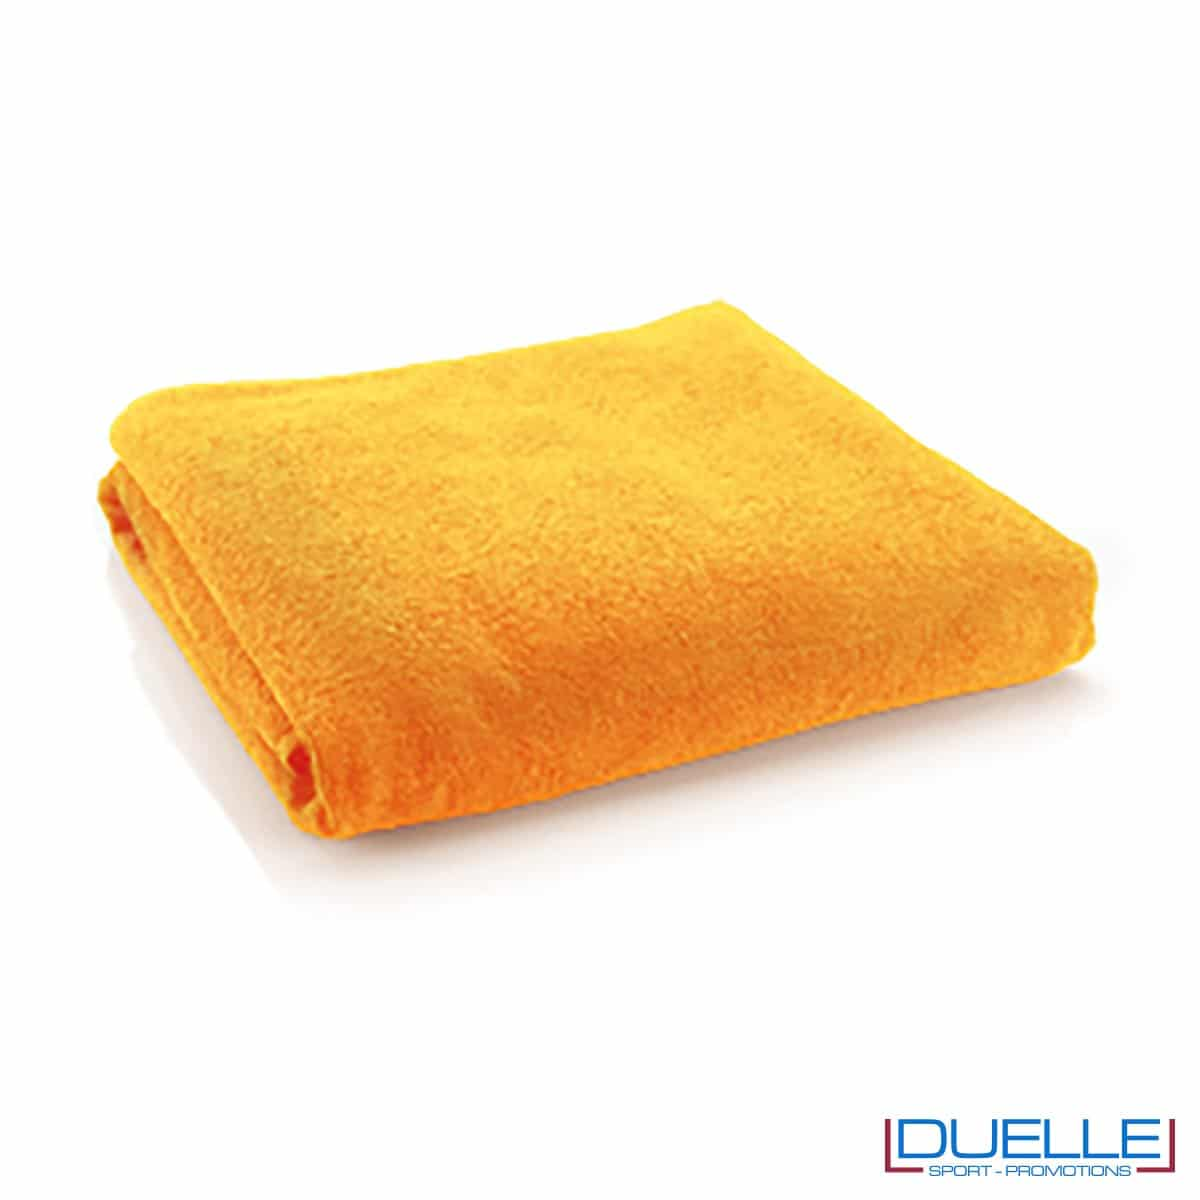 telo personalizzato cotone arancione, gadget mare, gadget personalizzato arancione